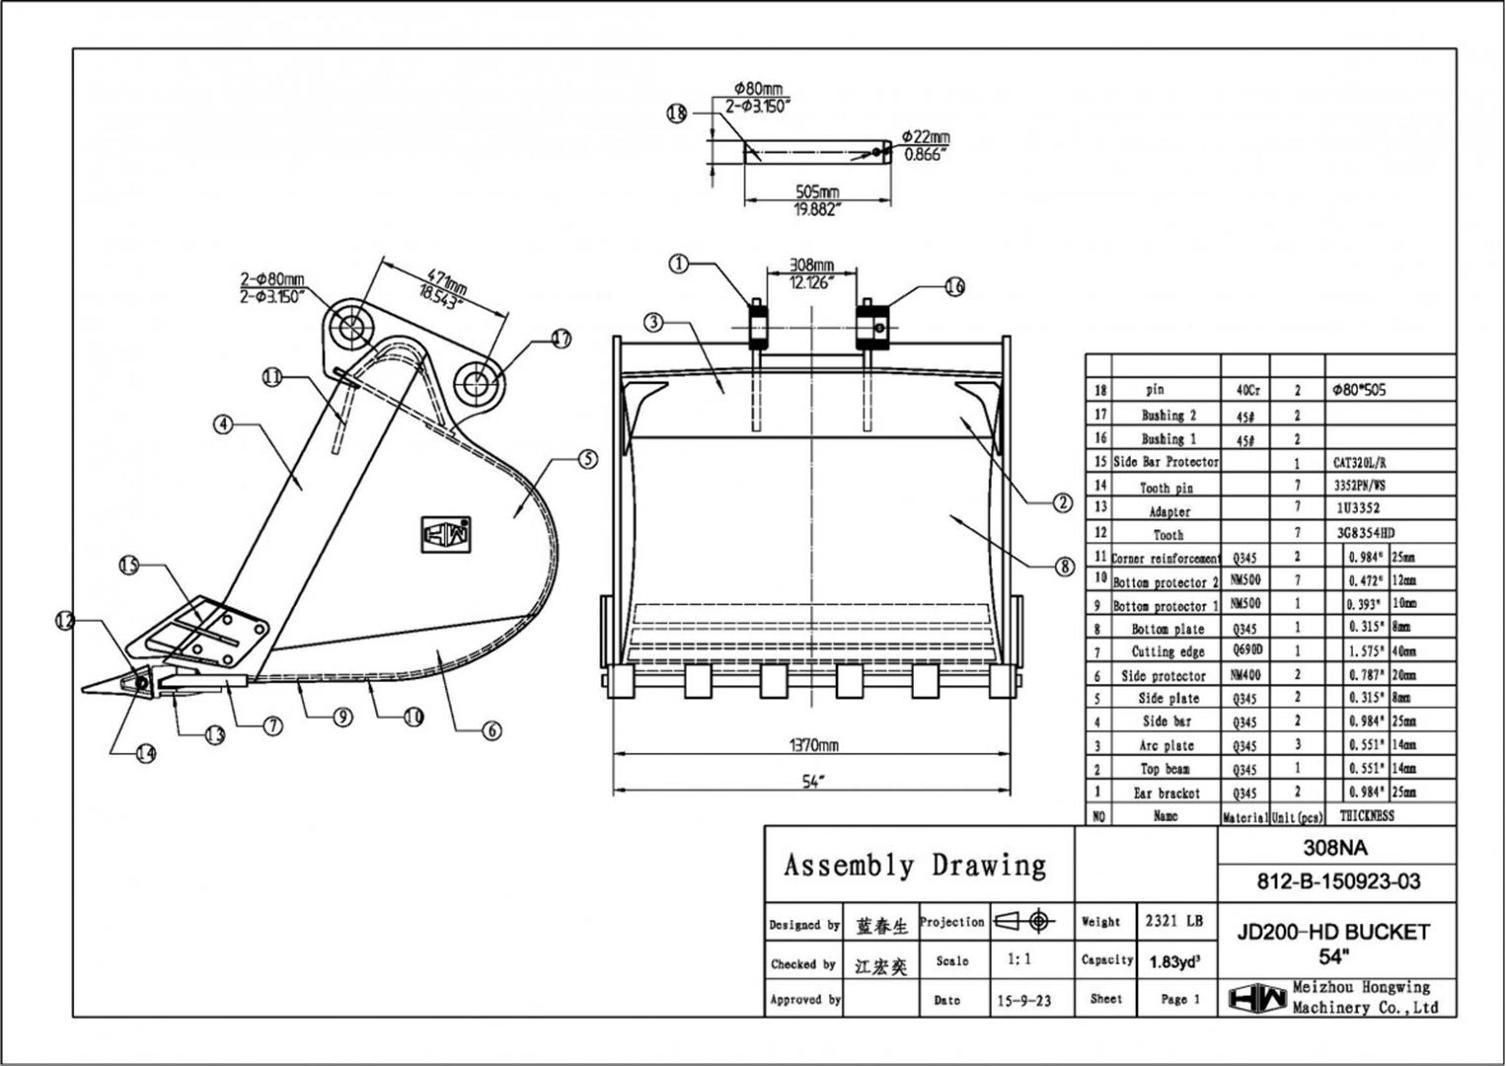 54 Heavy Duty Excavator Bucket John Deere 200 80mm Pins